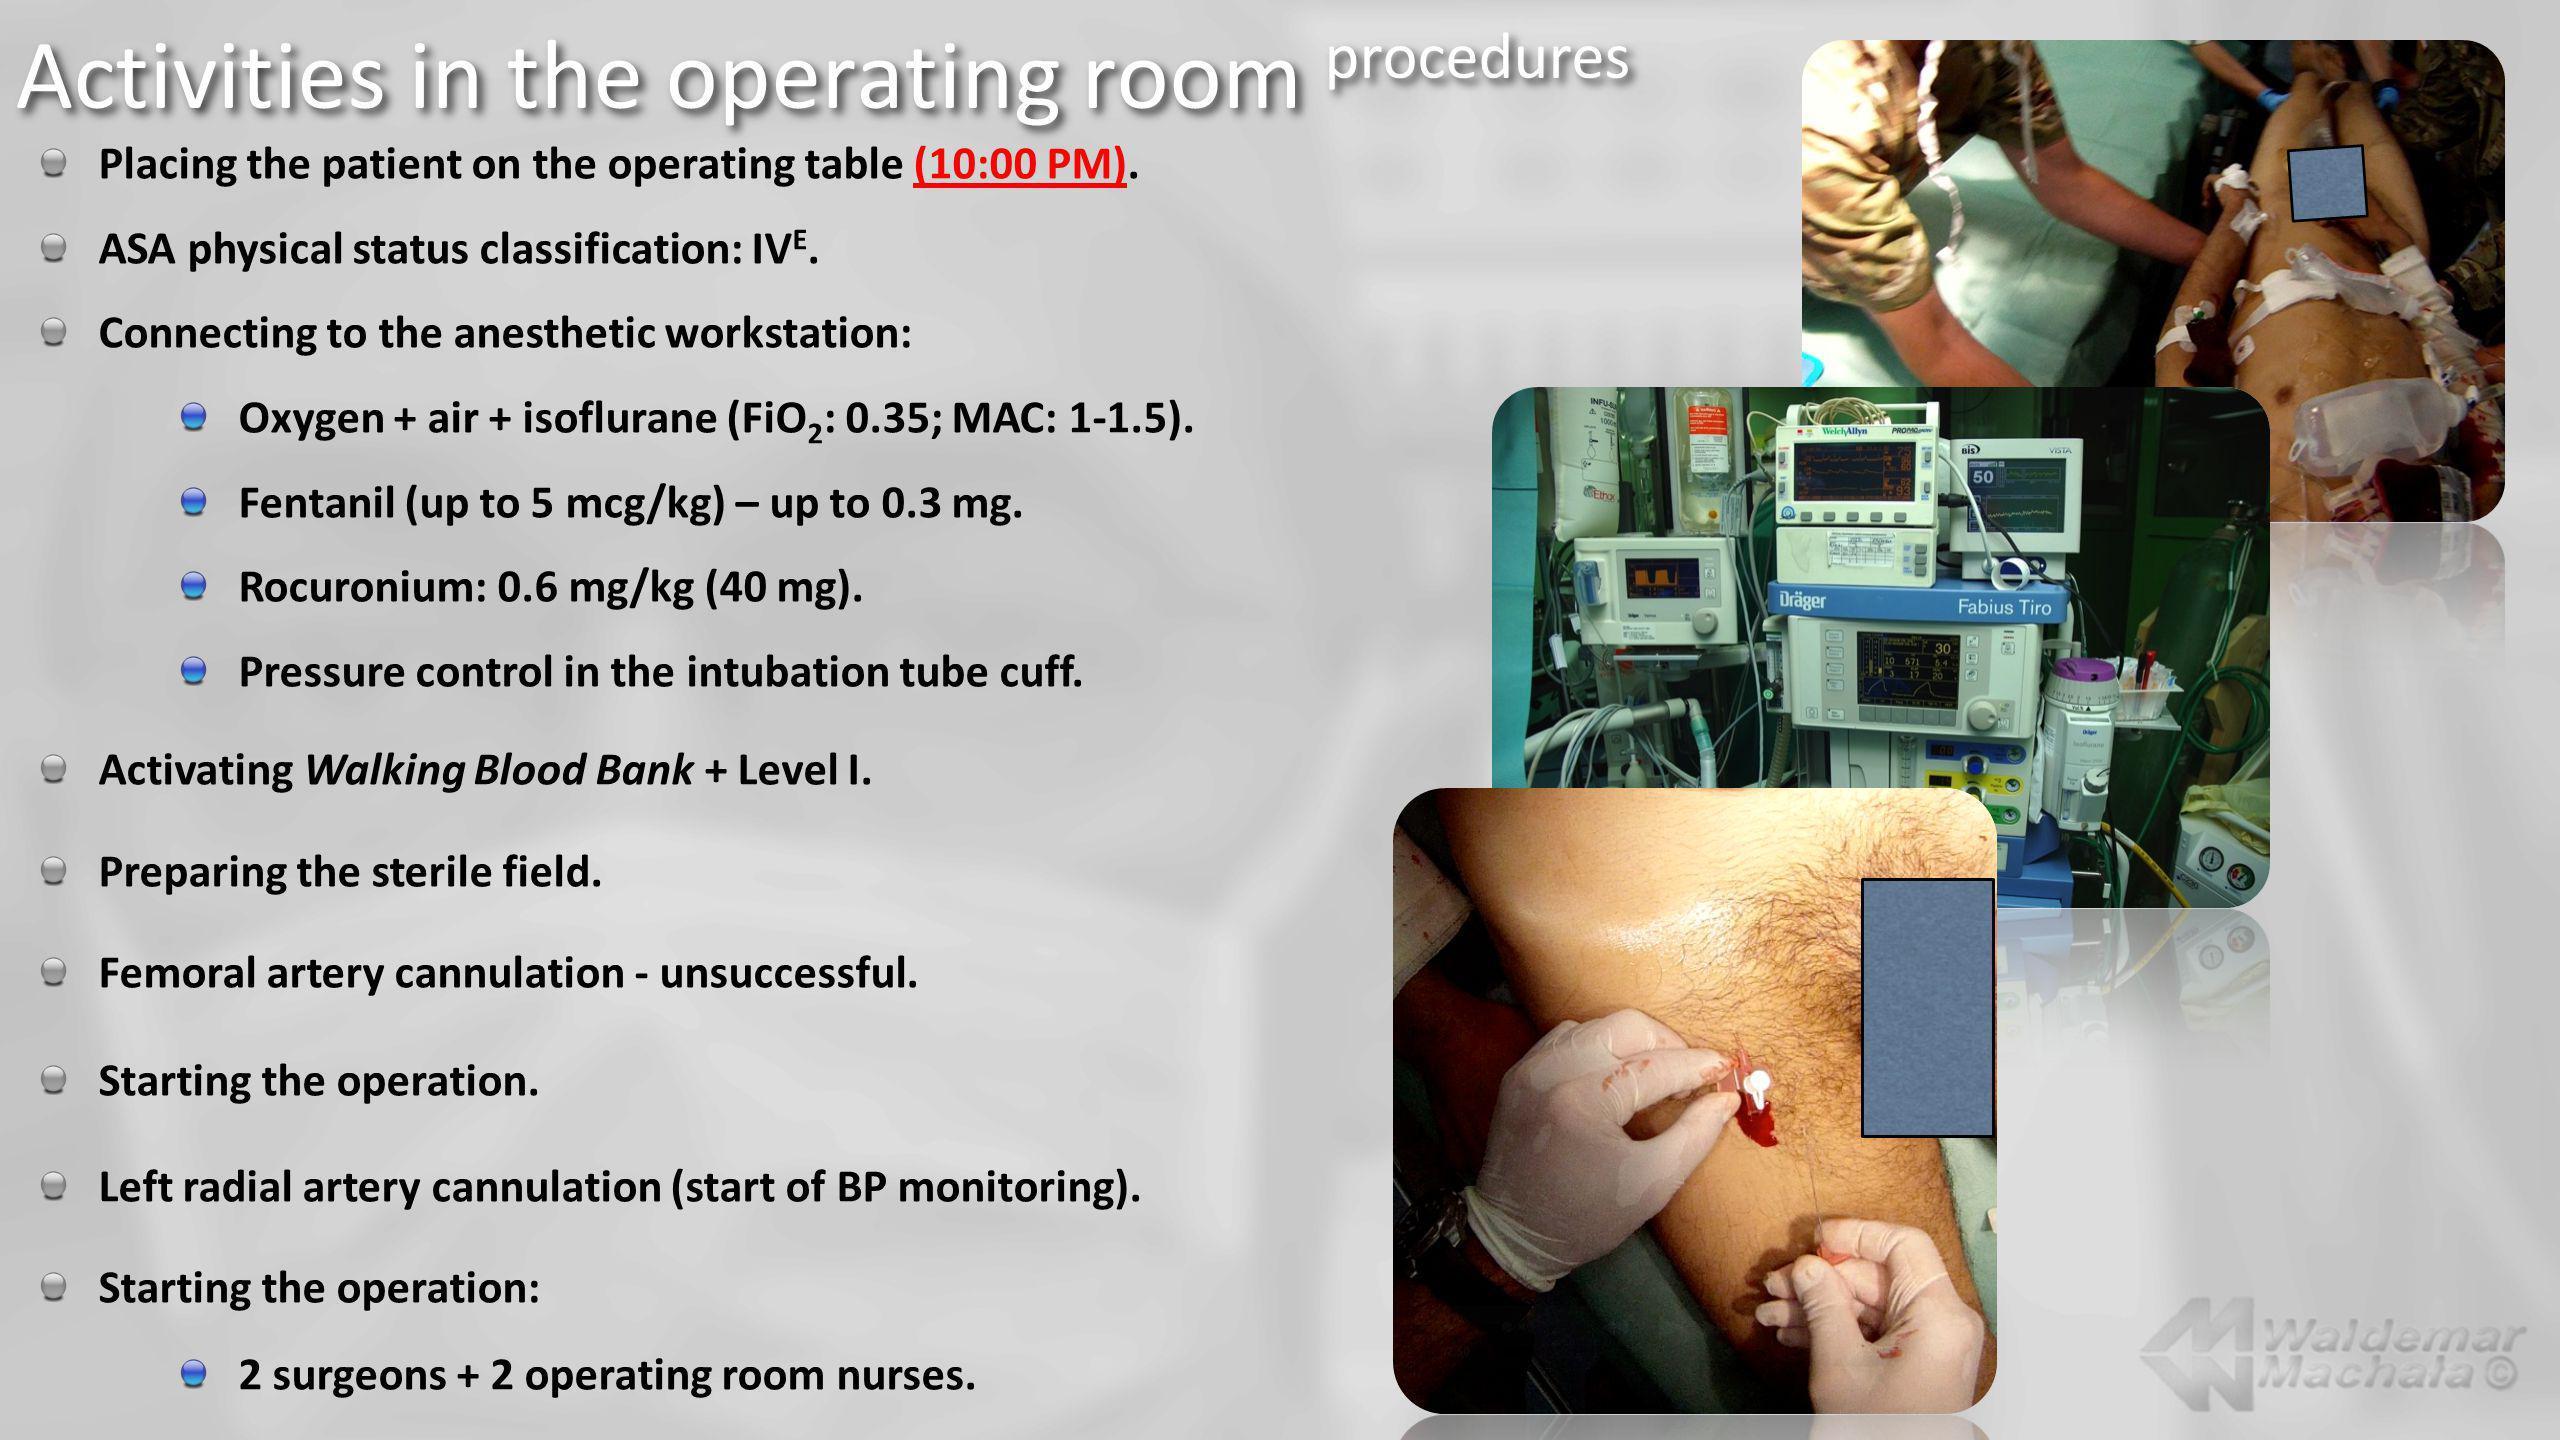 Activities in the operating room procedures